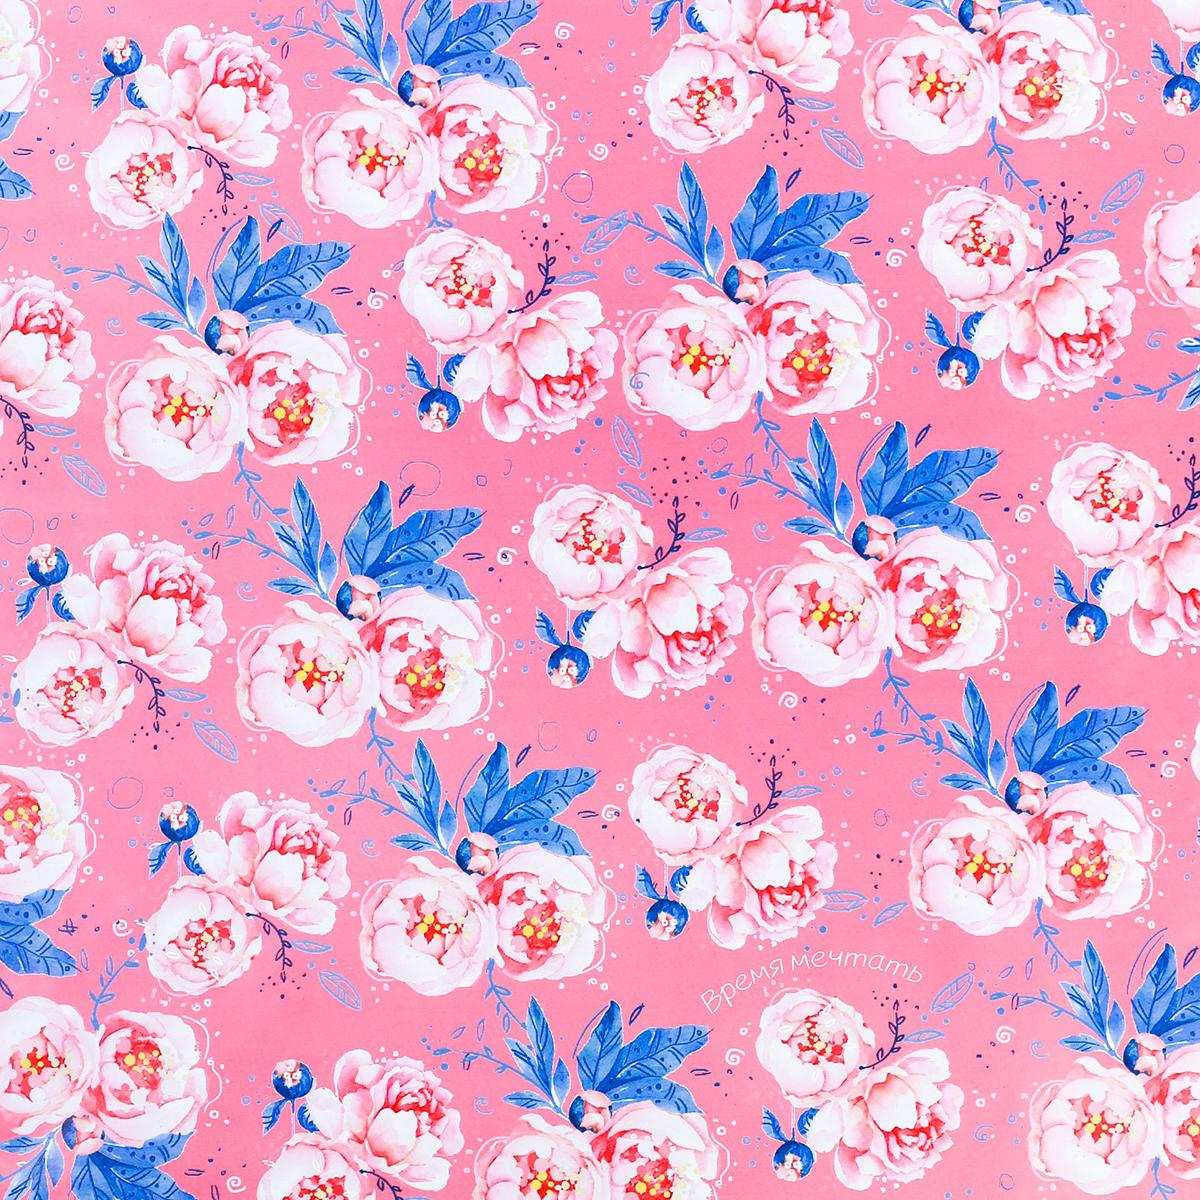 Бумага упаковочная Дарите счастье Время мечтать, глянцевая, 70 х 100 см. 2924091 бумага упаковочная дарите счастье цветы глянцевая 70 х 100 см 2887323